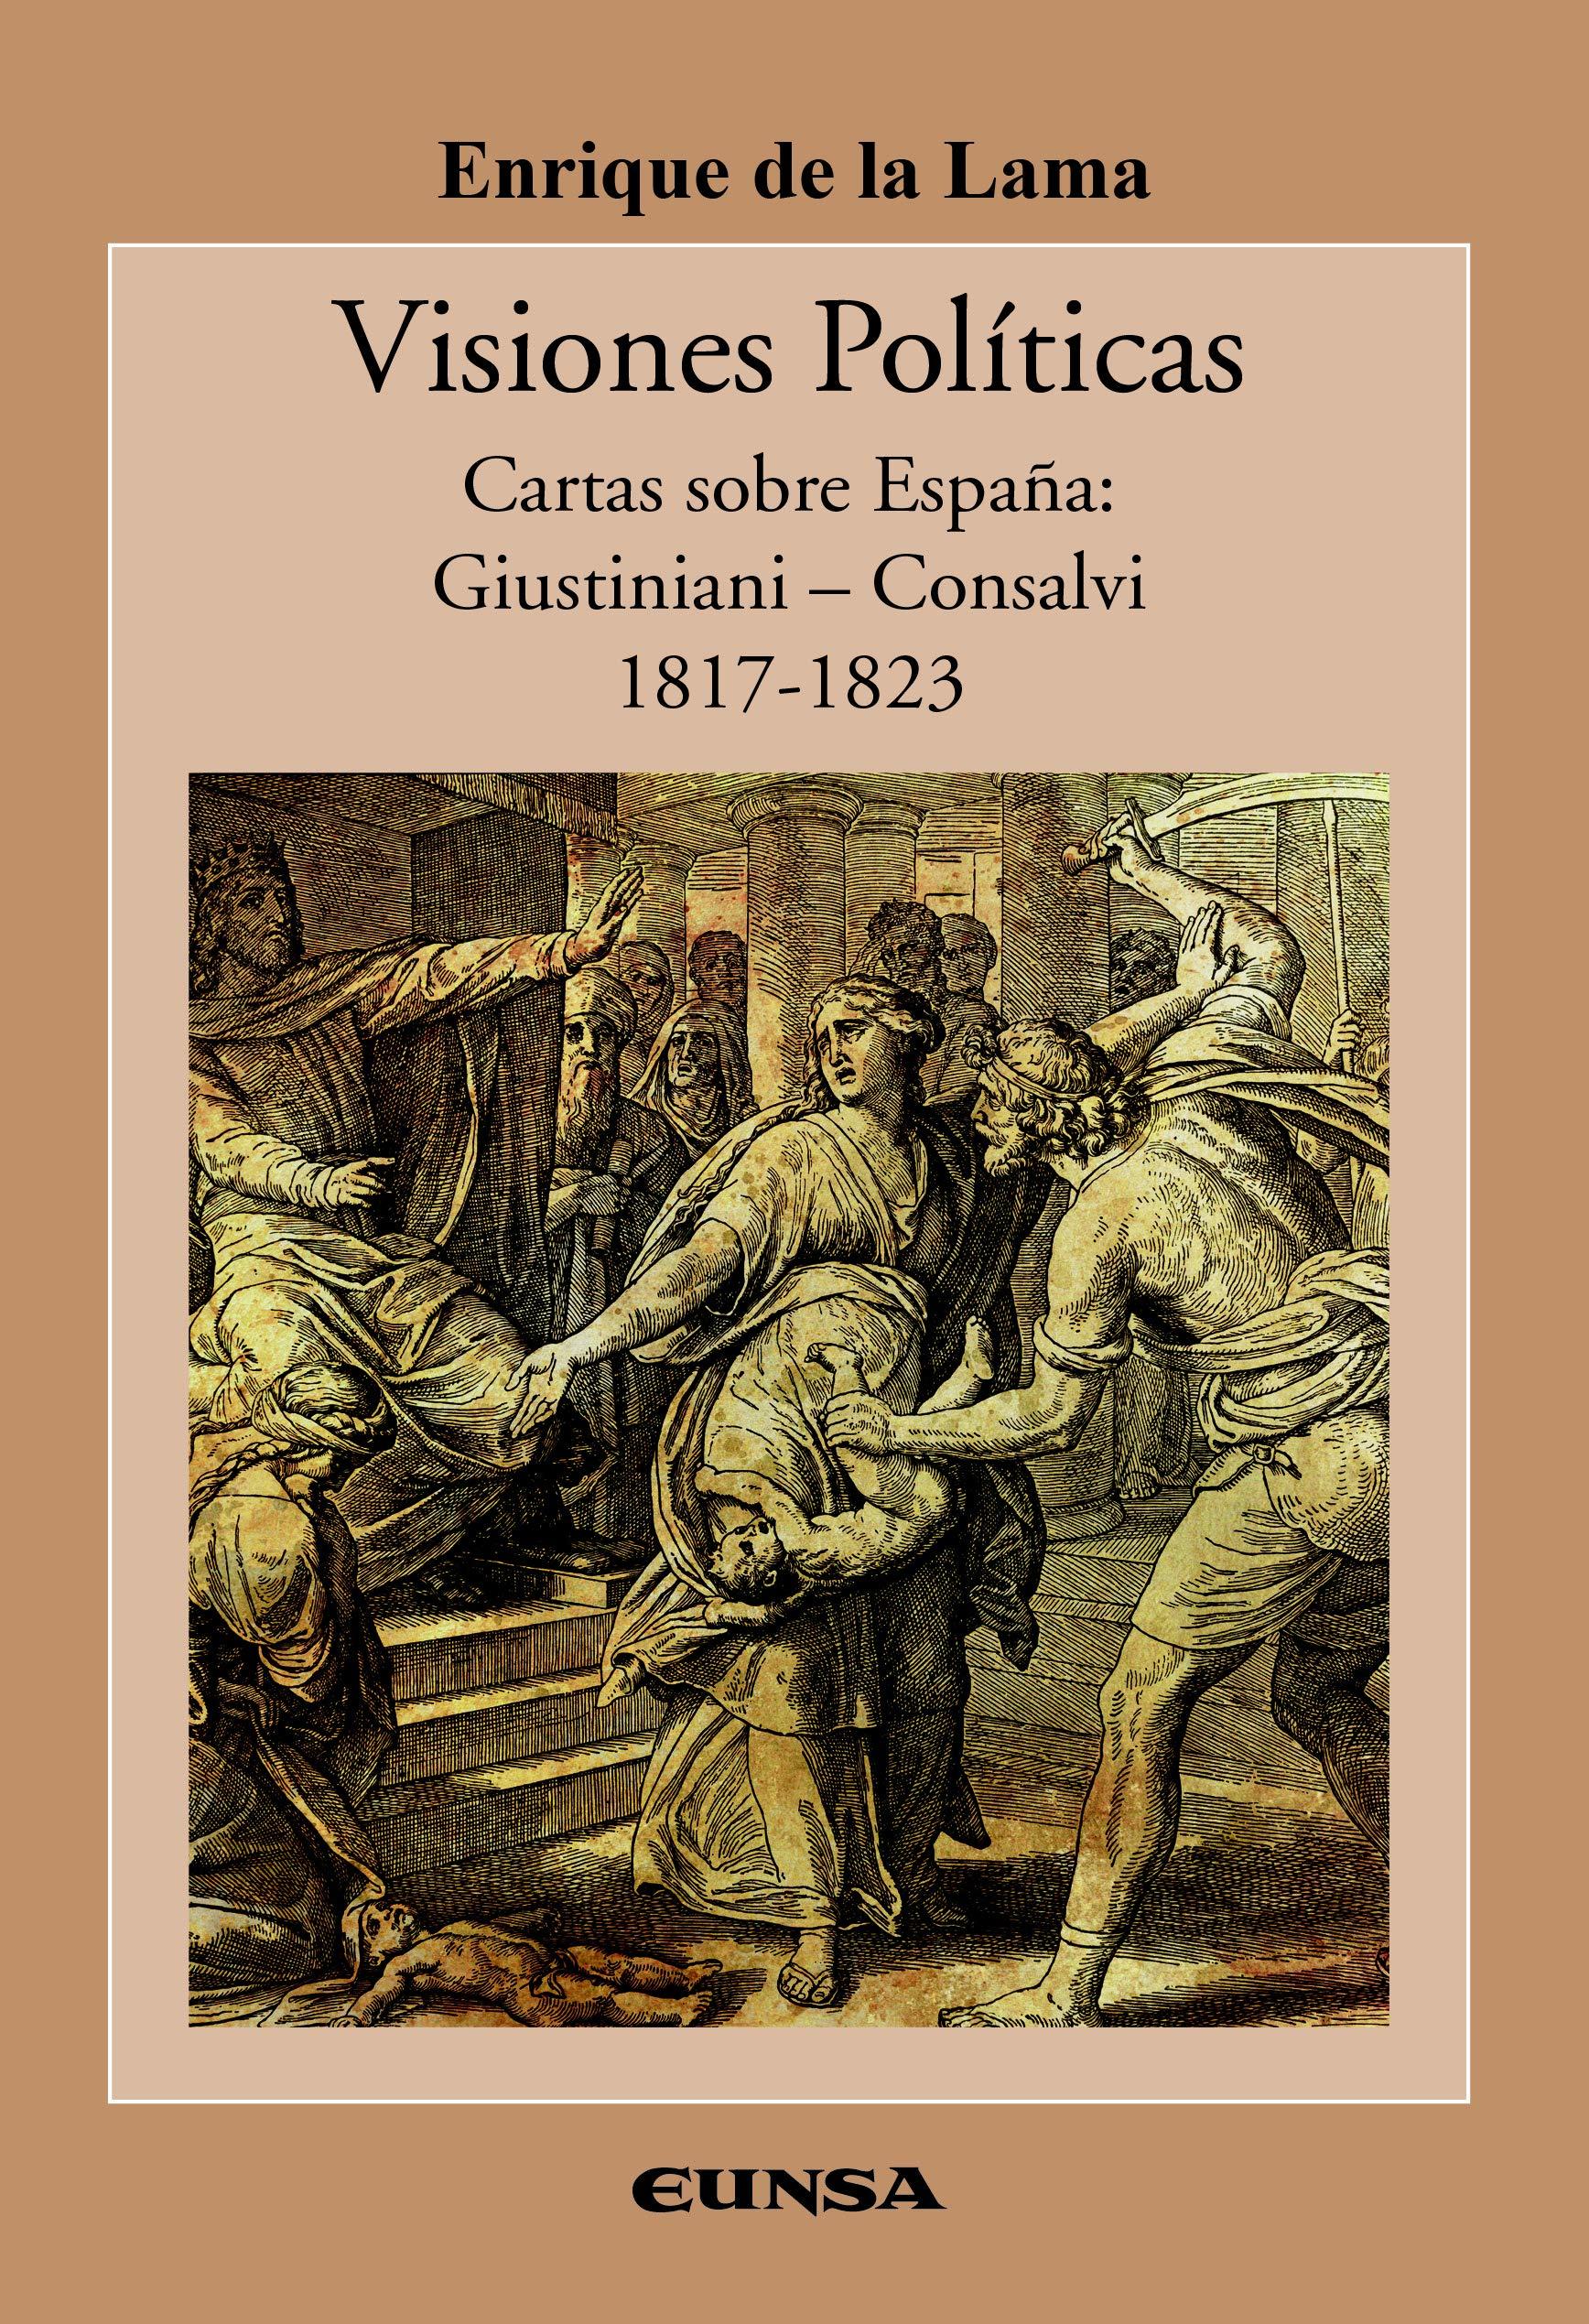 Visiones Políticas. Cartas sobre España: Guistiniani-Consalvi 1817-1823: 43 Historia de la Iglesia: Amazon.es: De La Lama Cereceda, Enrique: Libros